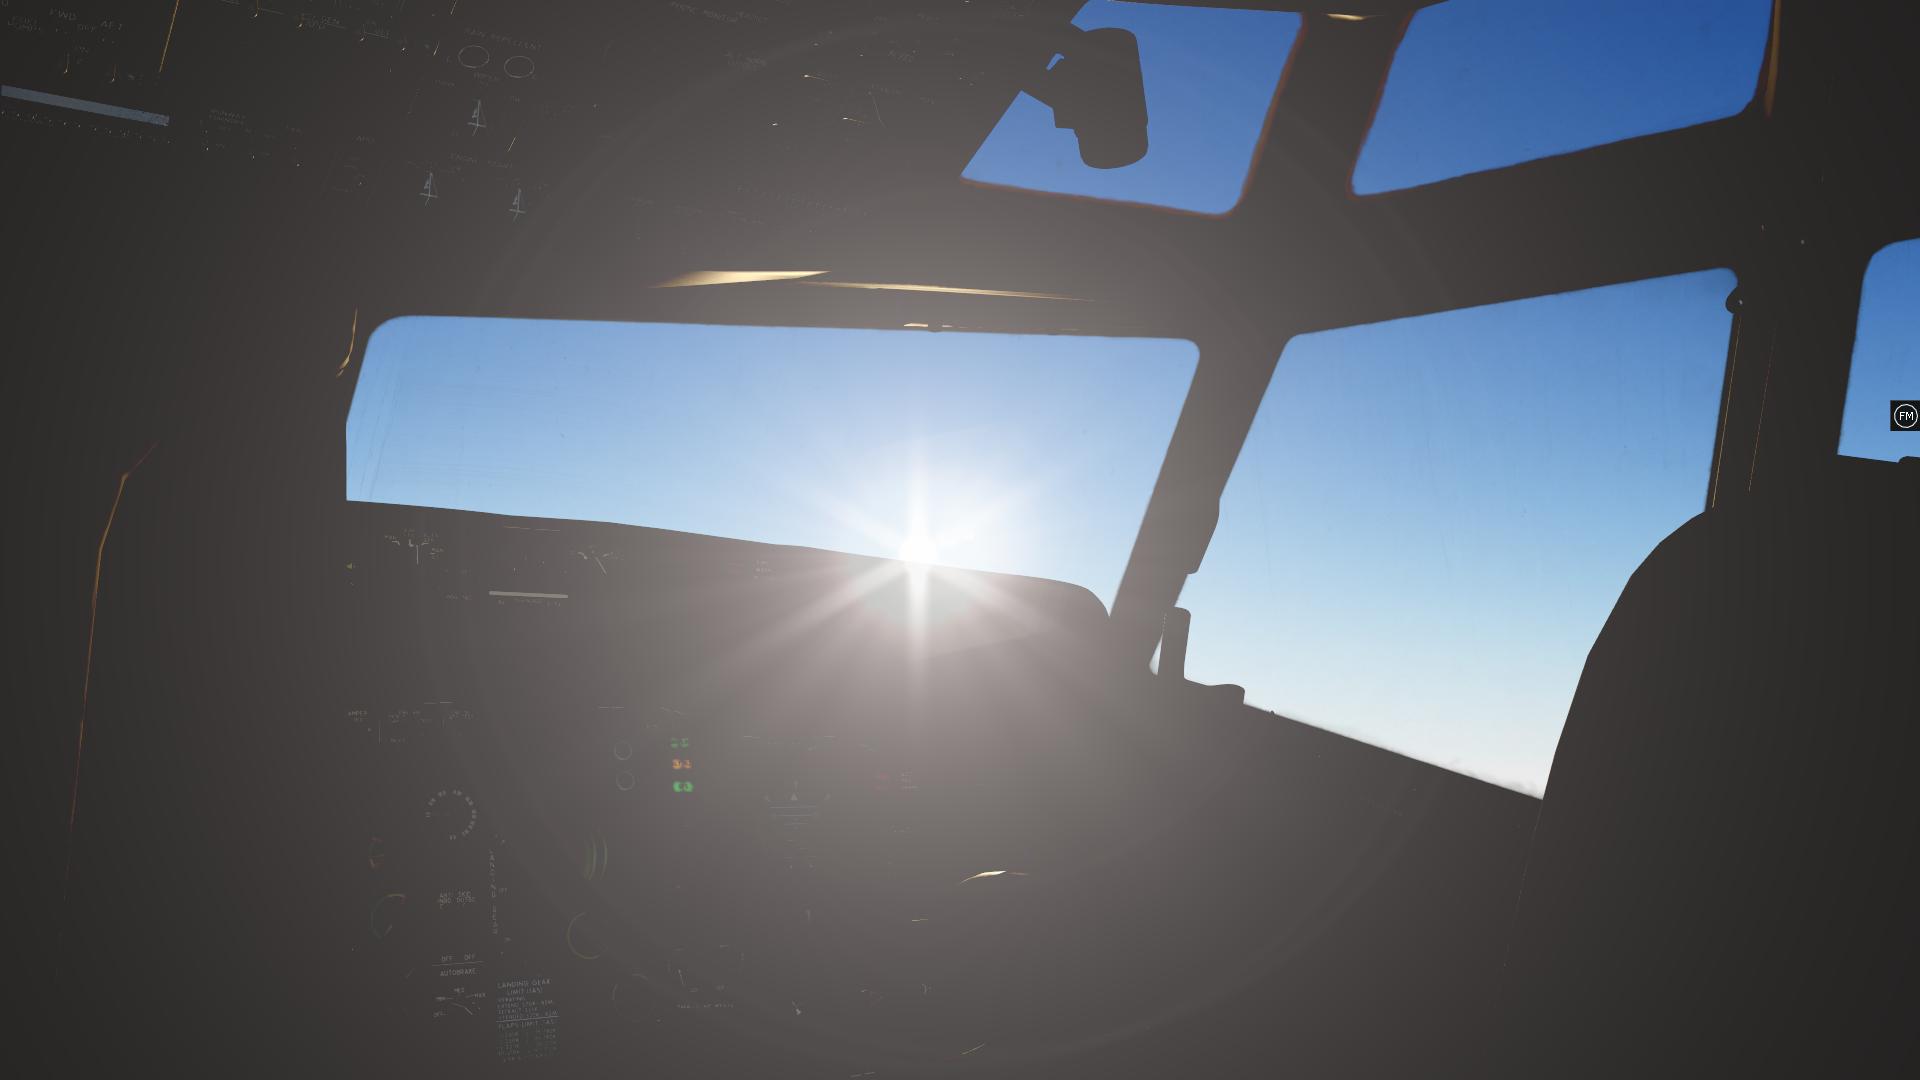 X-Plane Screenshot 2019.07.25 - 20.18.22.69.png